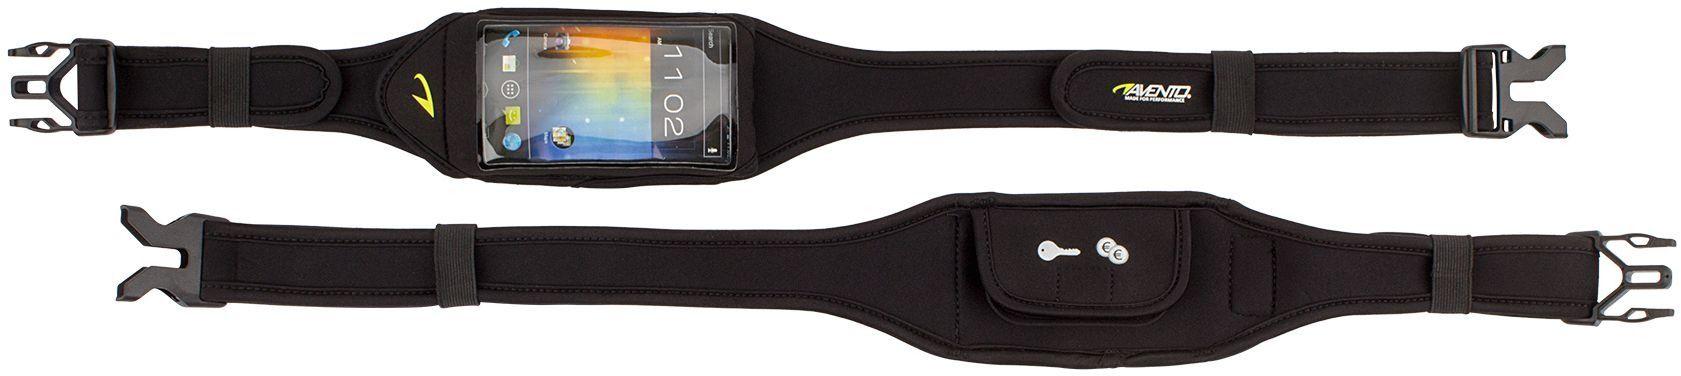 Pas biodrowy do biegania na smartfon Avento